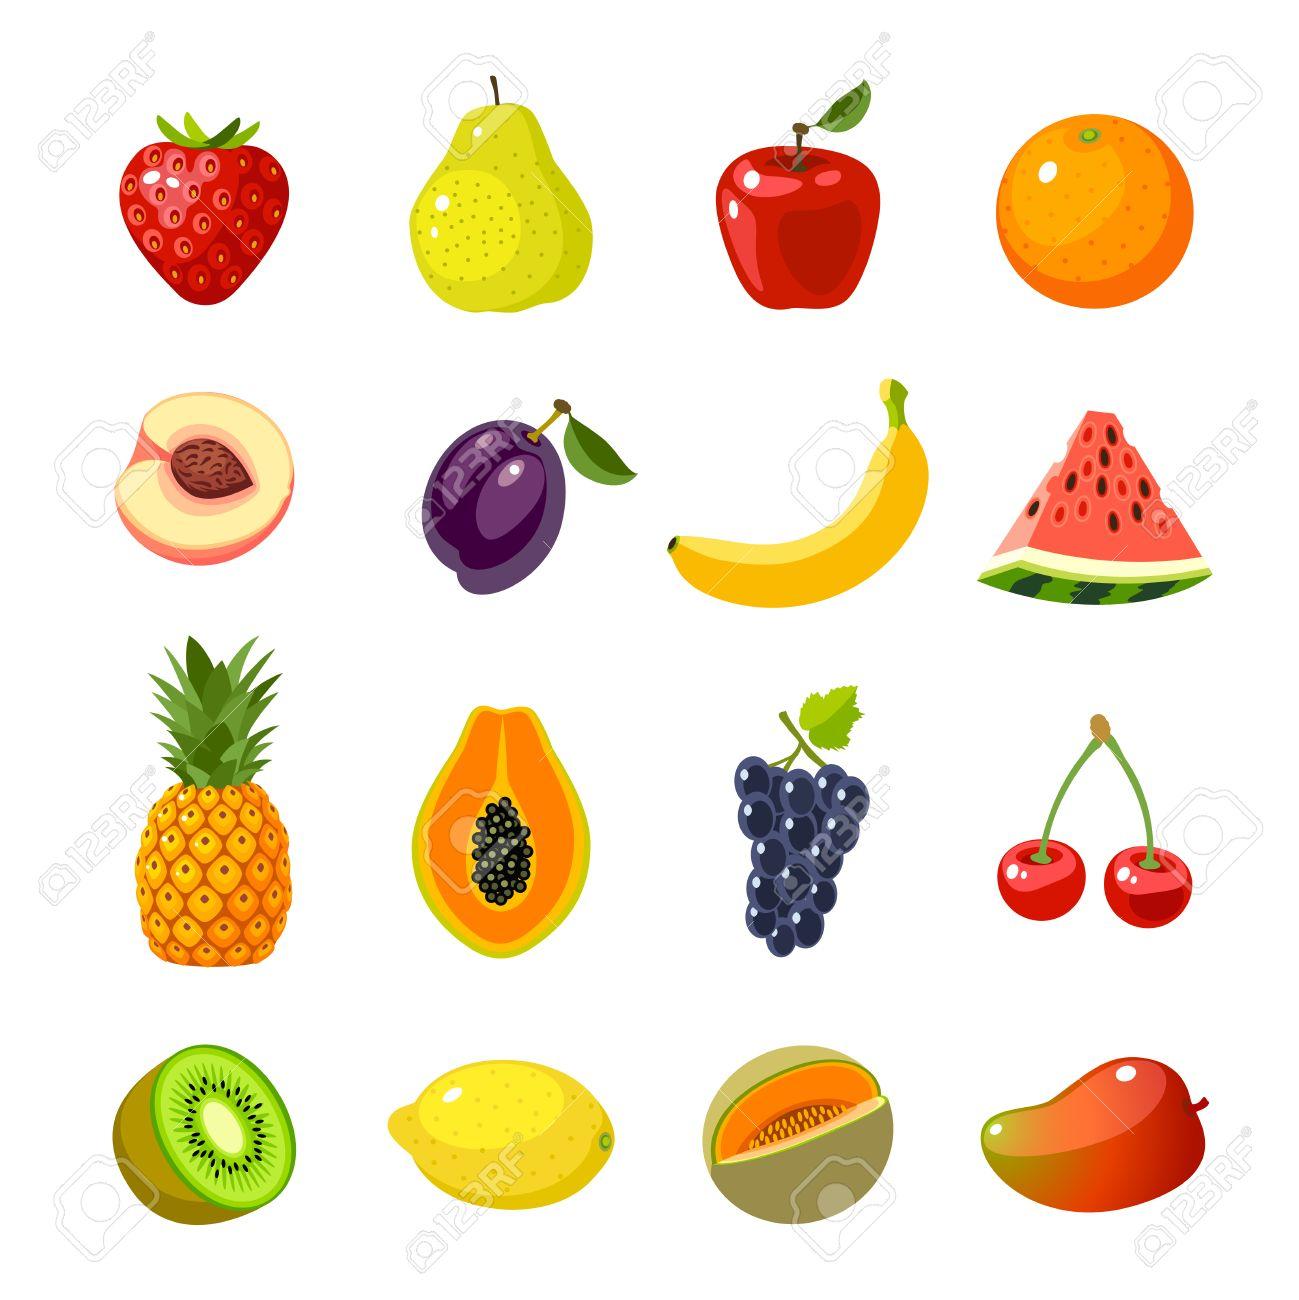 Conjunto De Iconos Coloridos Dibujos De Frutas Manzana Pera Fresa